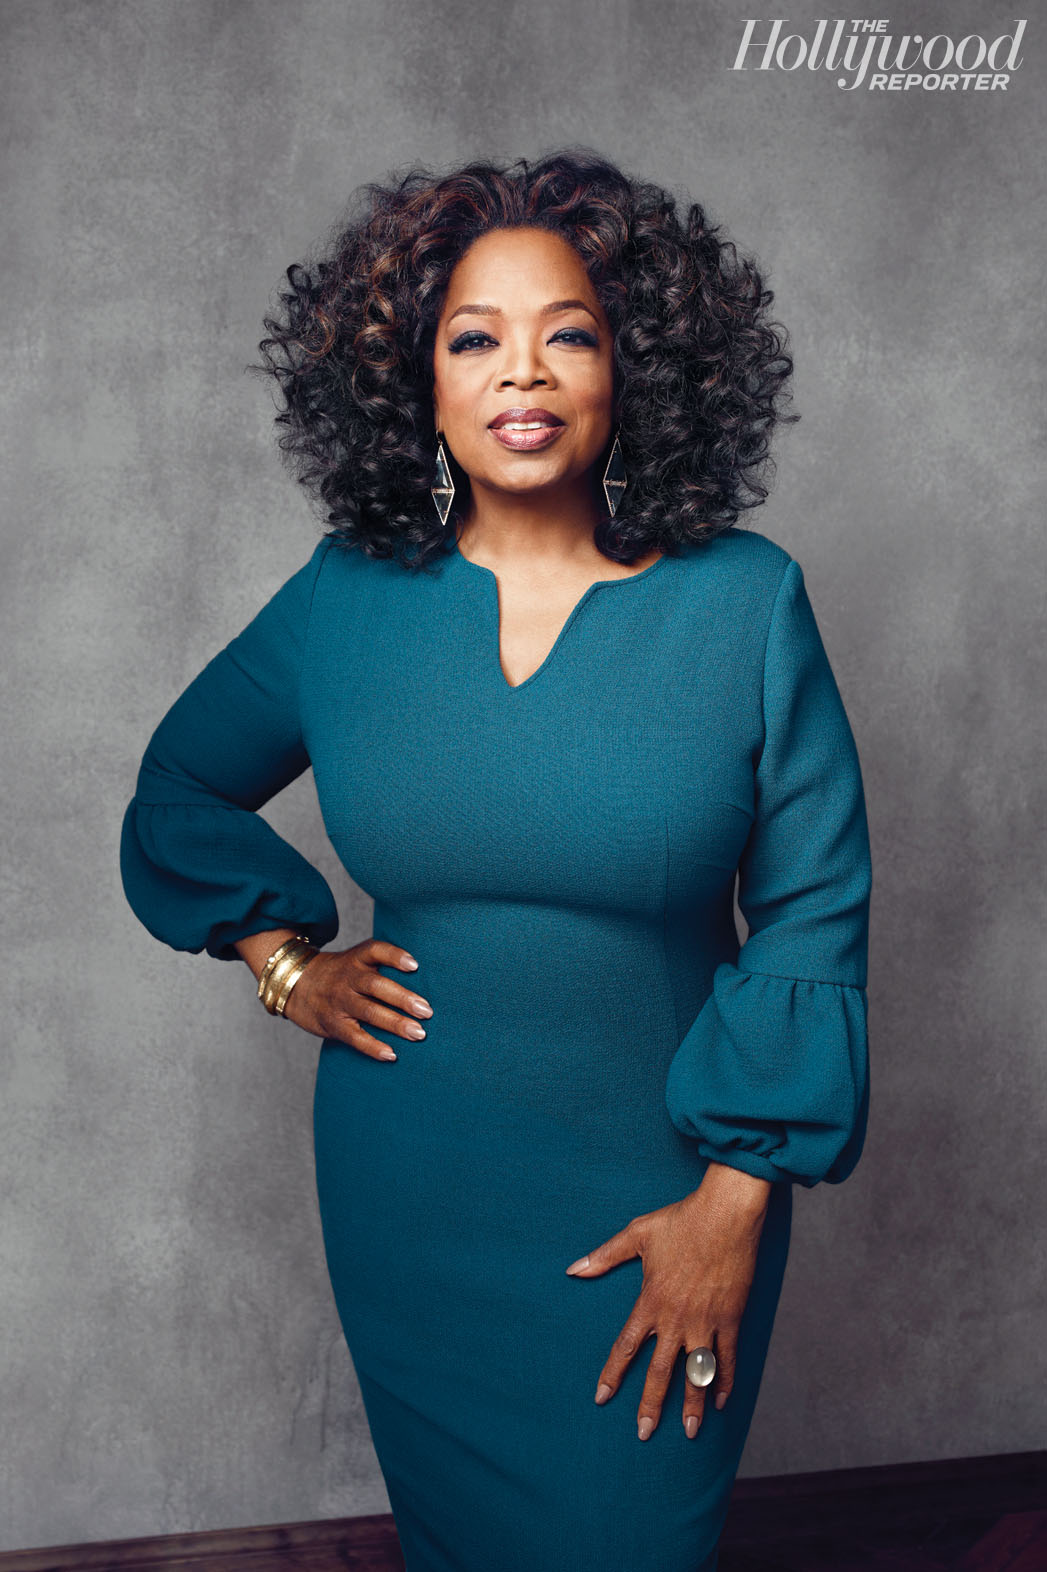 Afbeeldingsresultaat voor oprah winfrey fashion